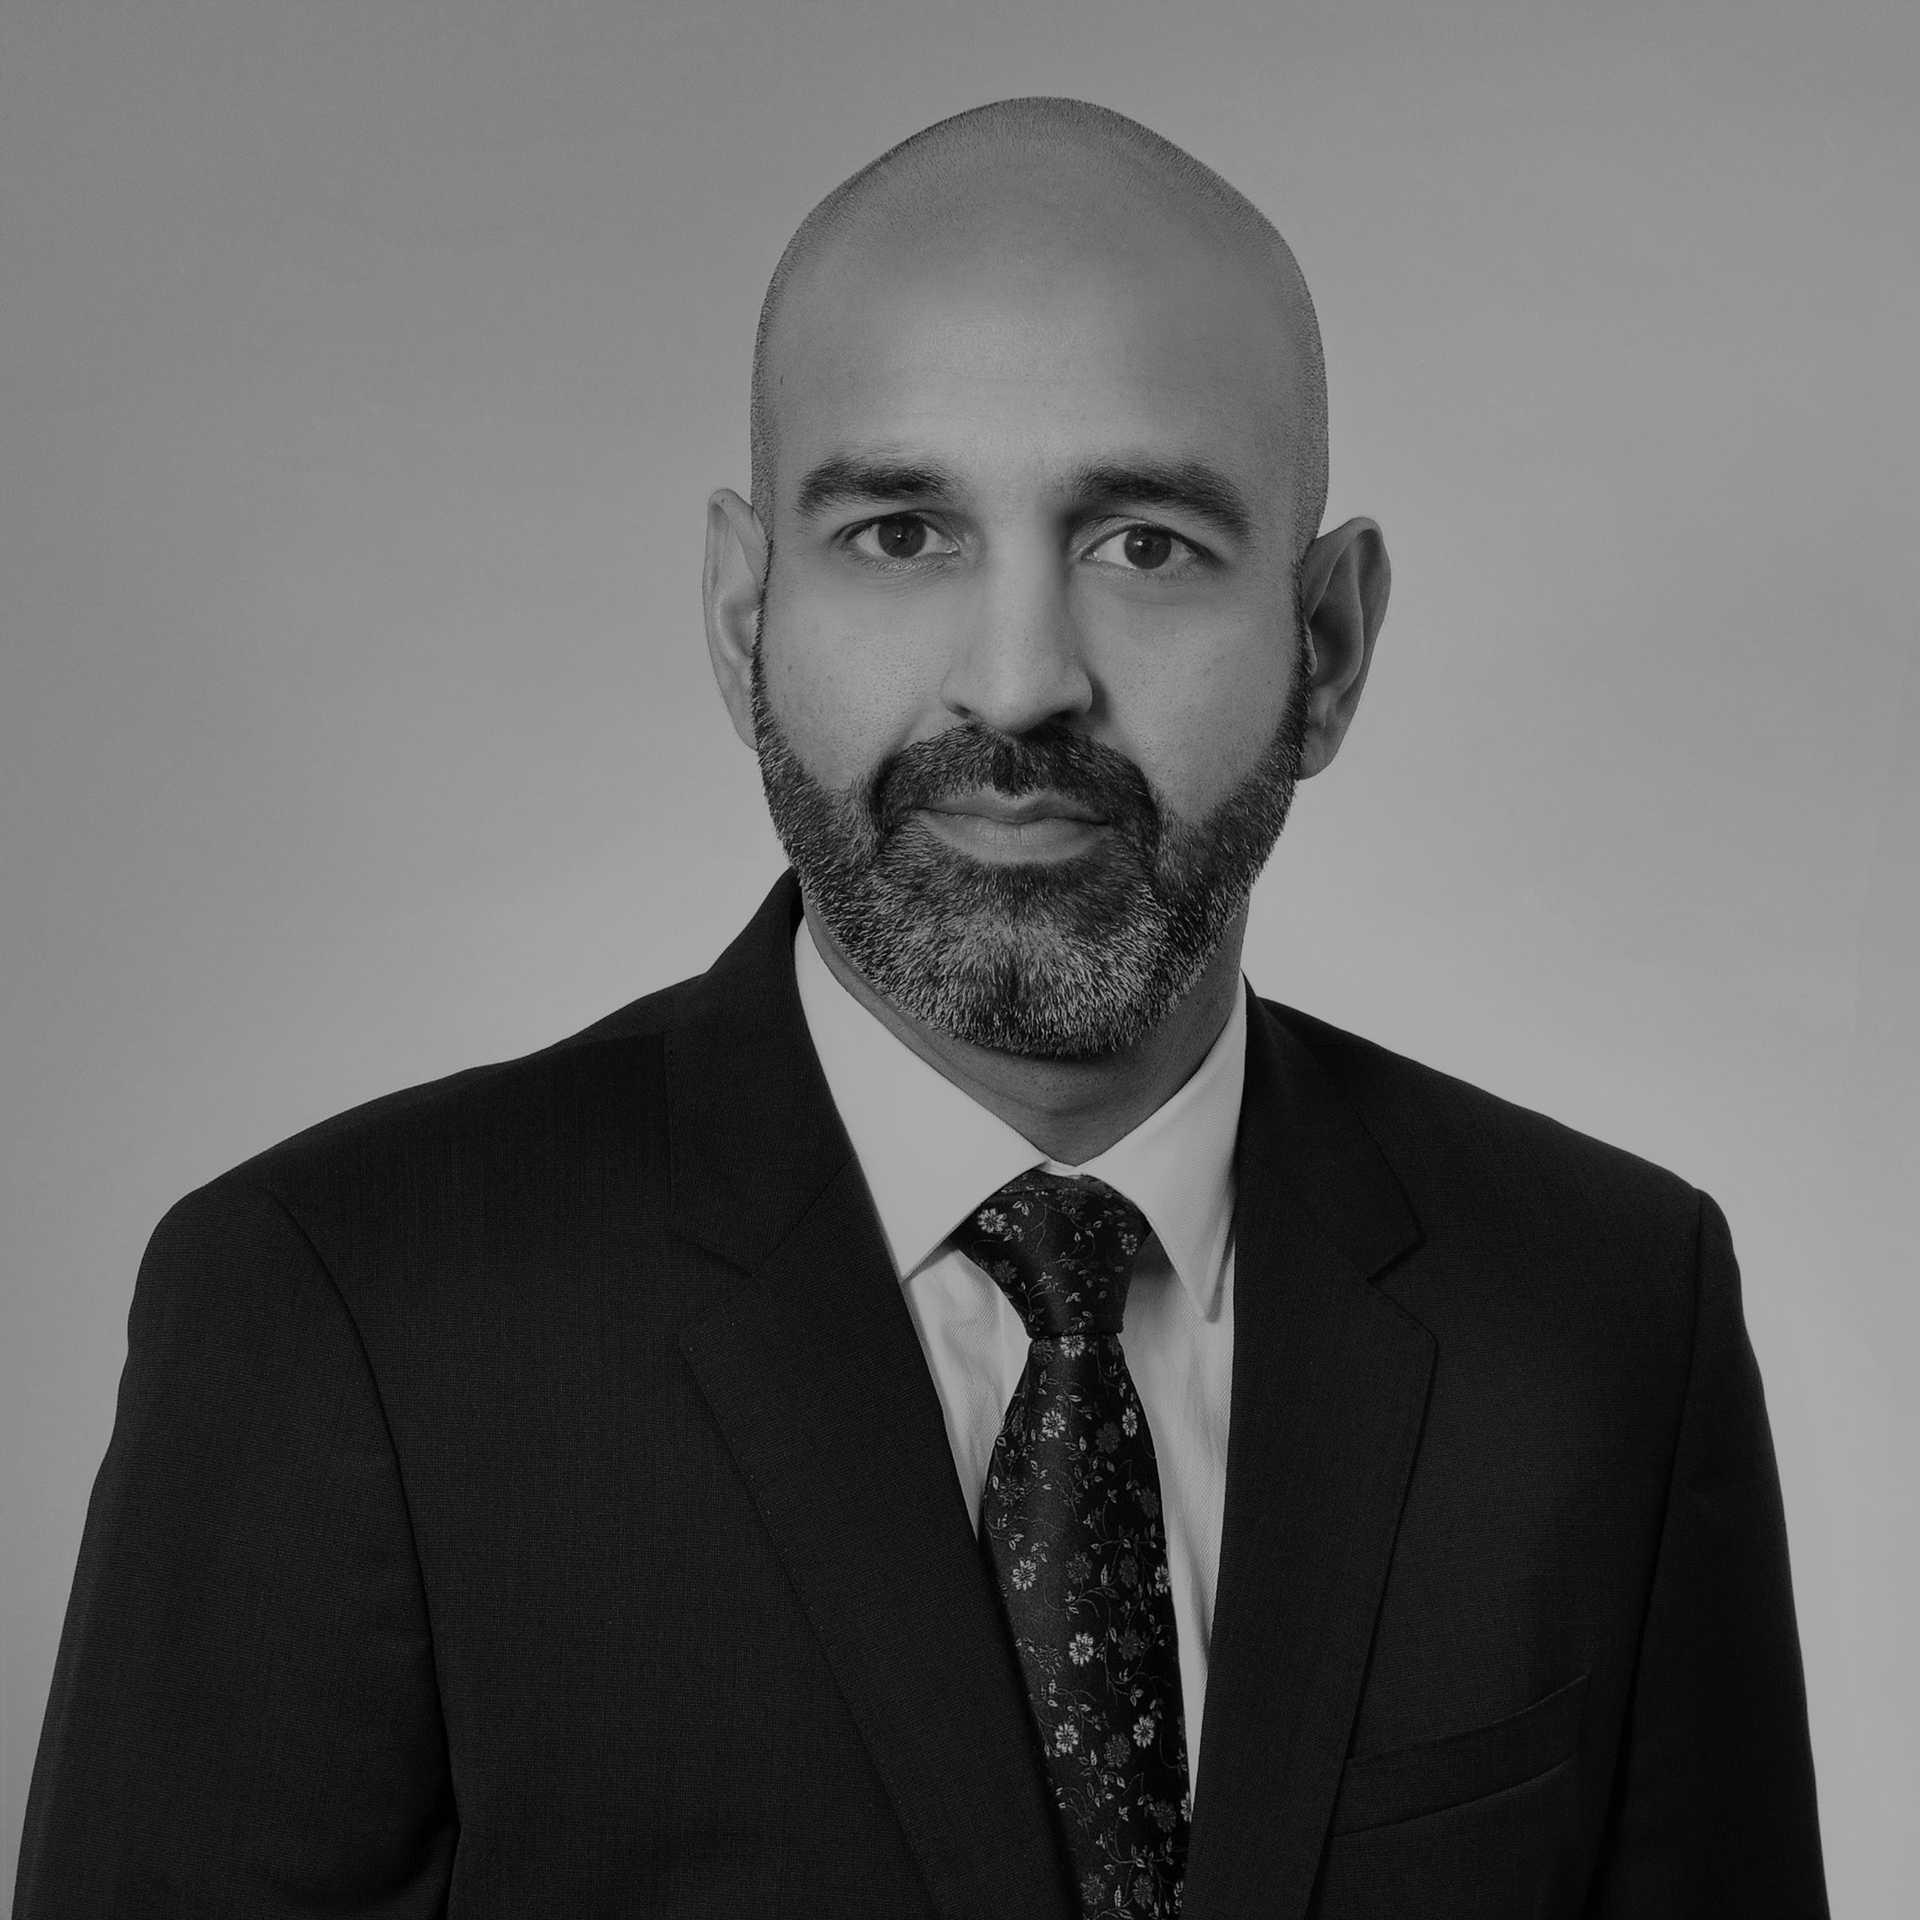 Marlin Hawk Toronto's Client Partner Sachin Sama